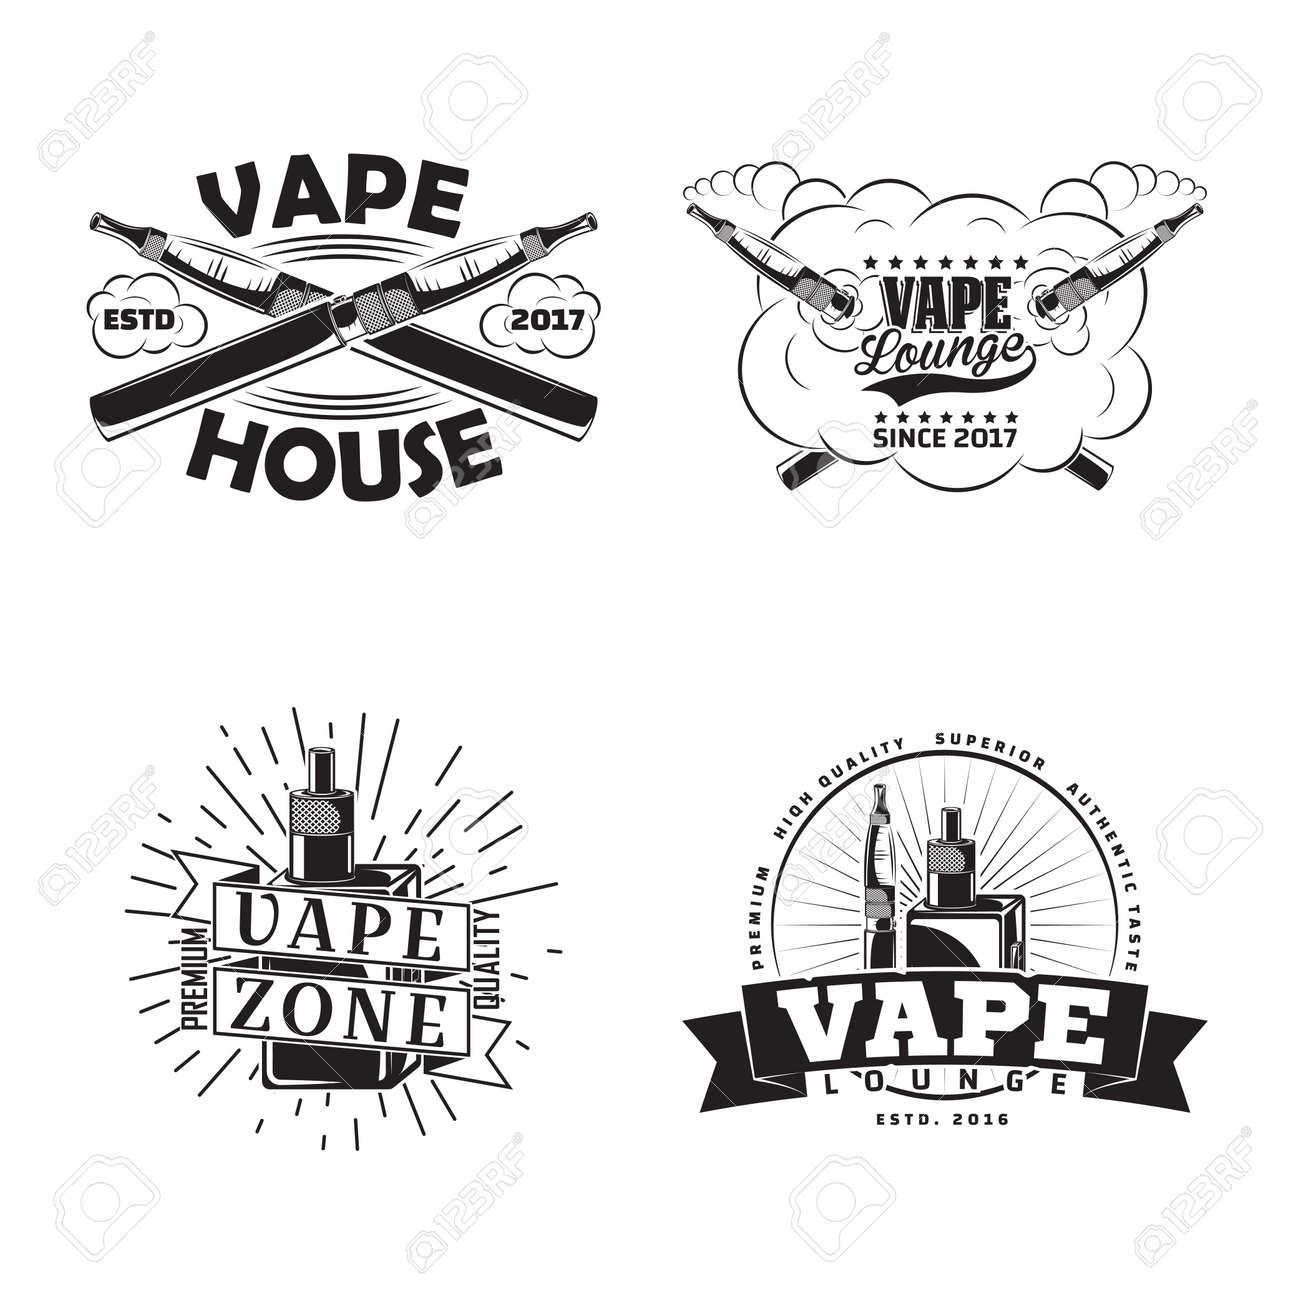 Set of vintage vape lounge emblems designs - 156729136